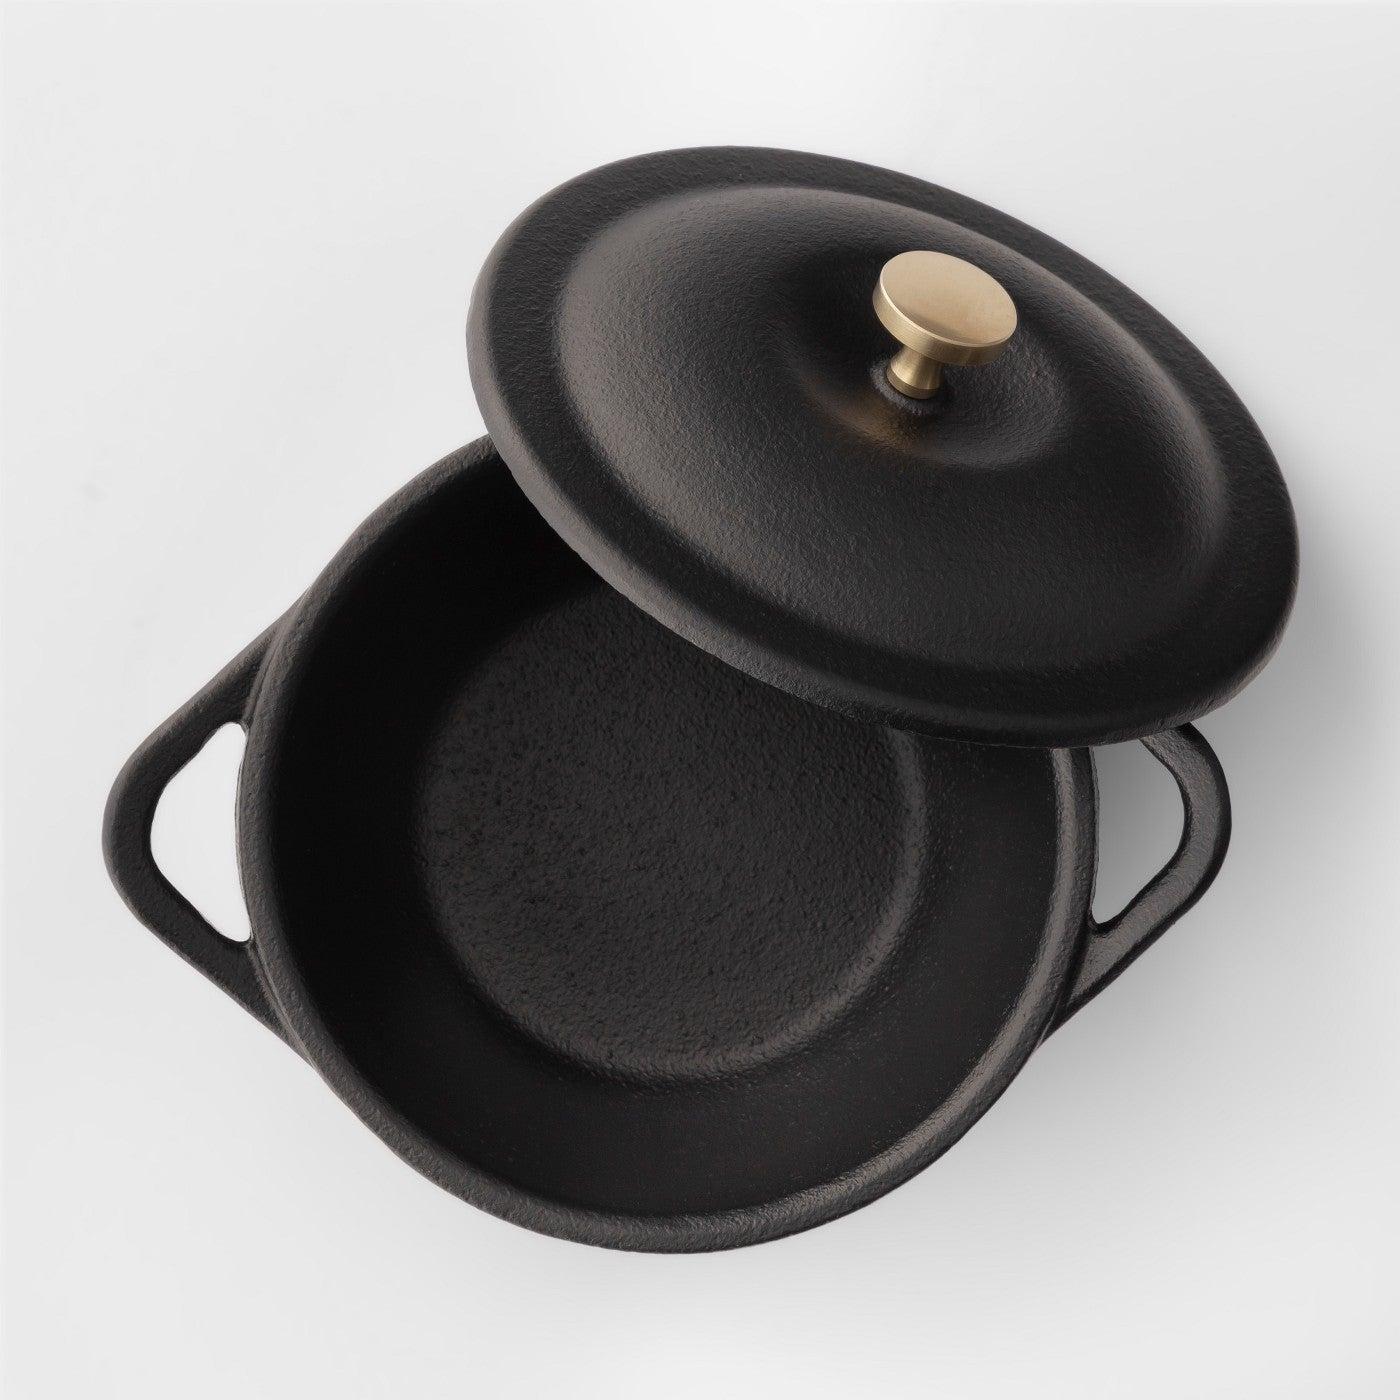 mini cast iron pot